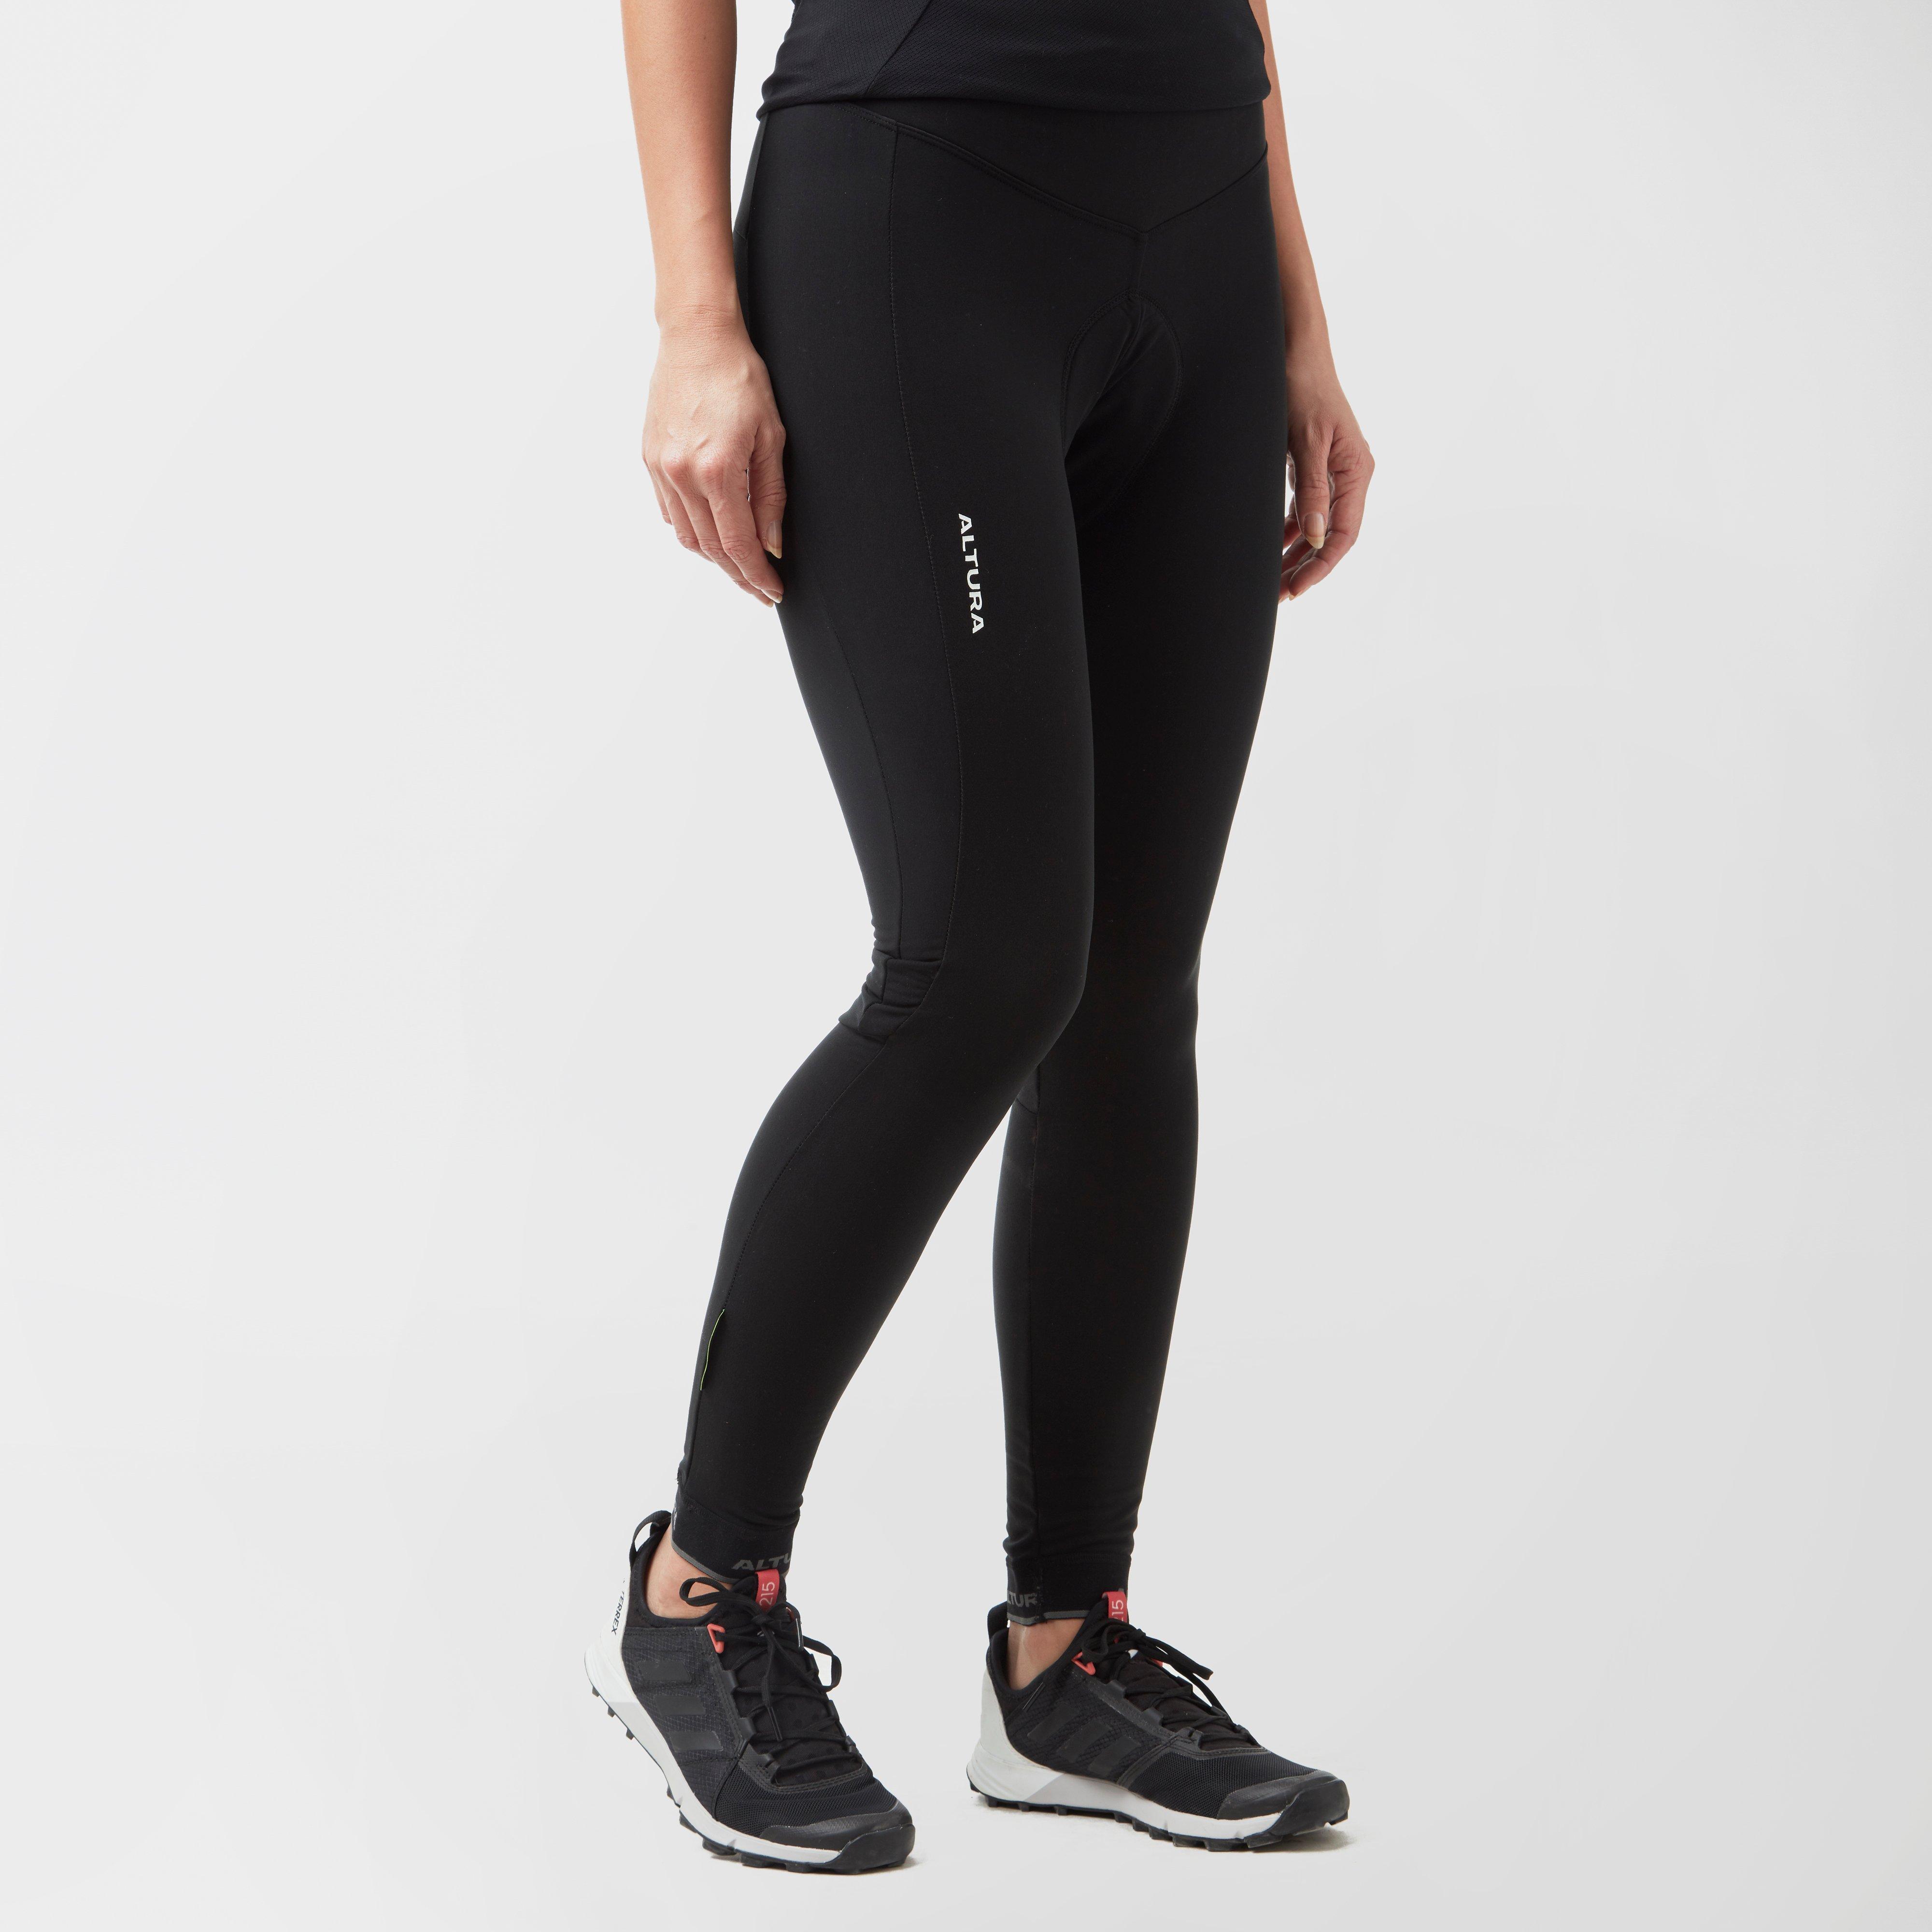 Altura tights